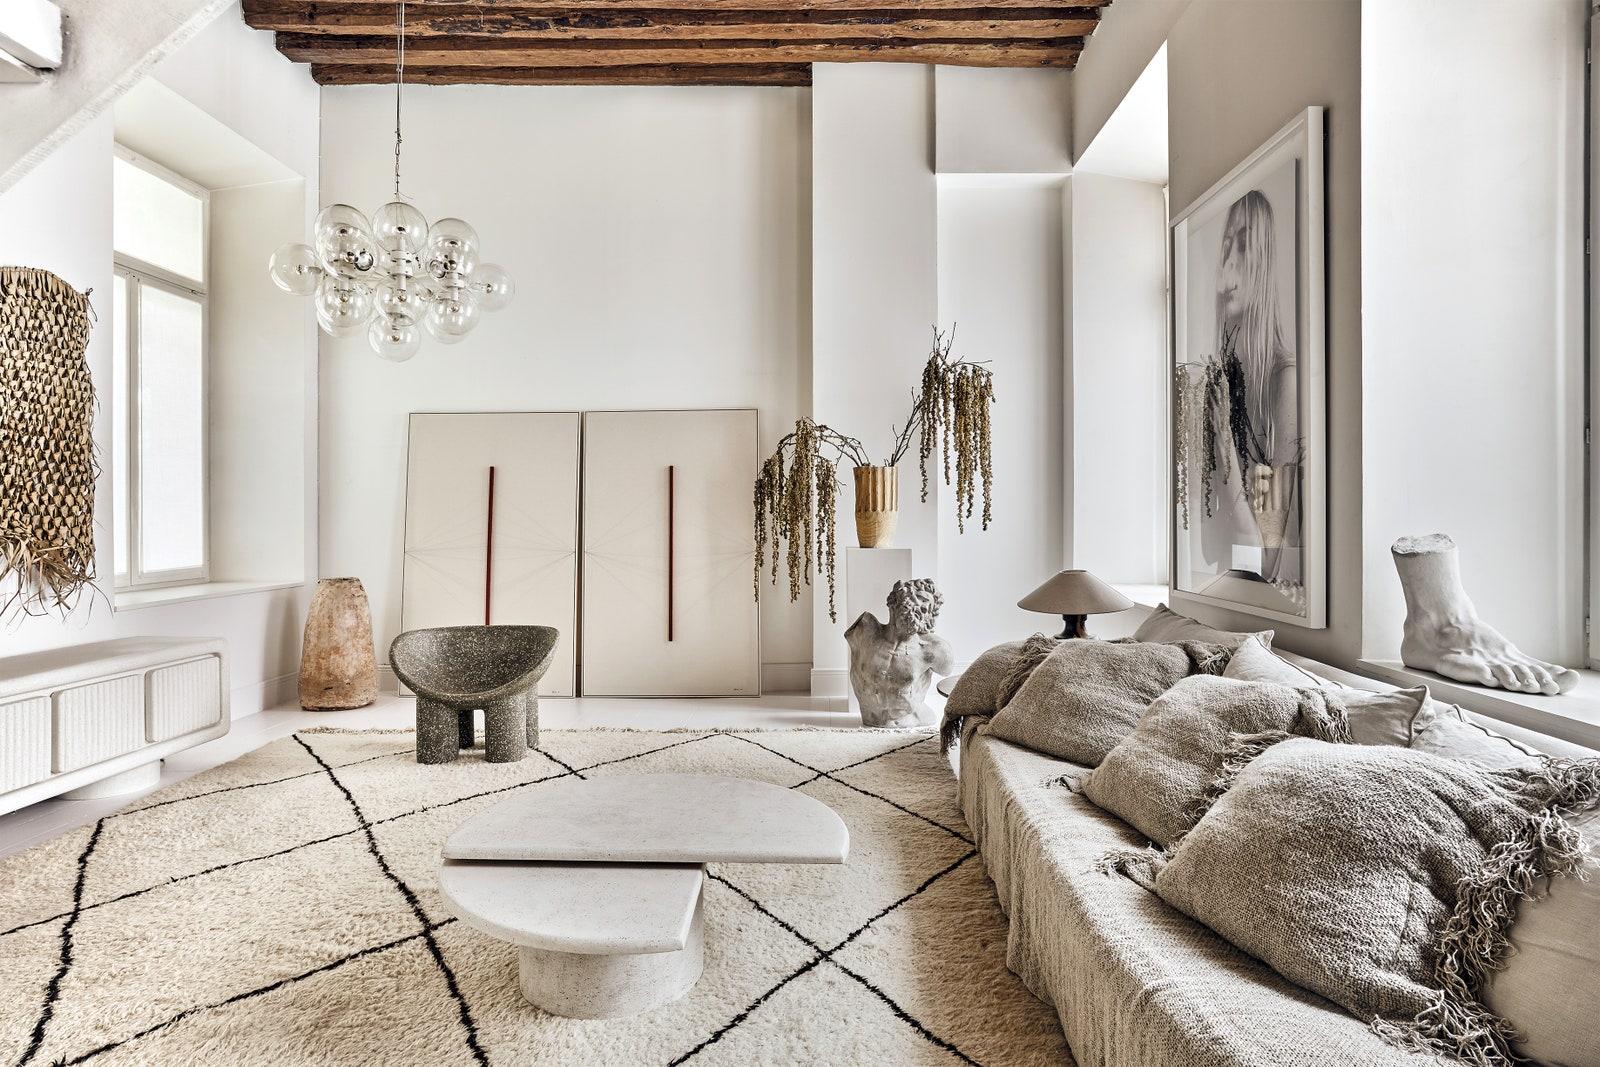 este_verano_practica_nesting_decoración_interiores_lifestyle_consejos-01